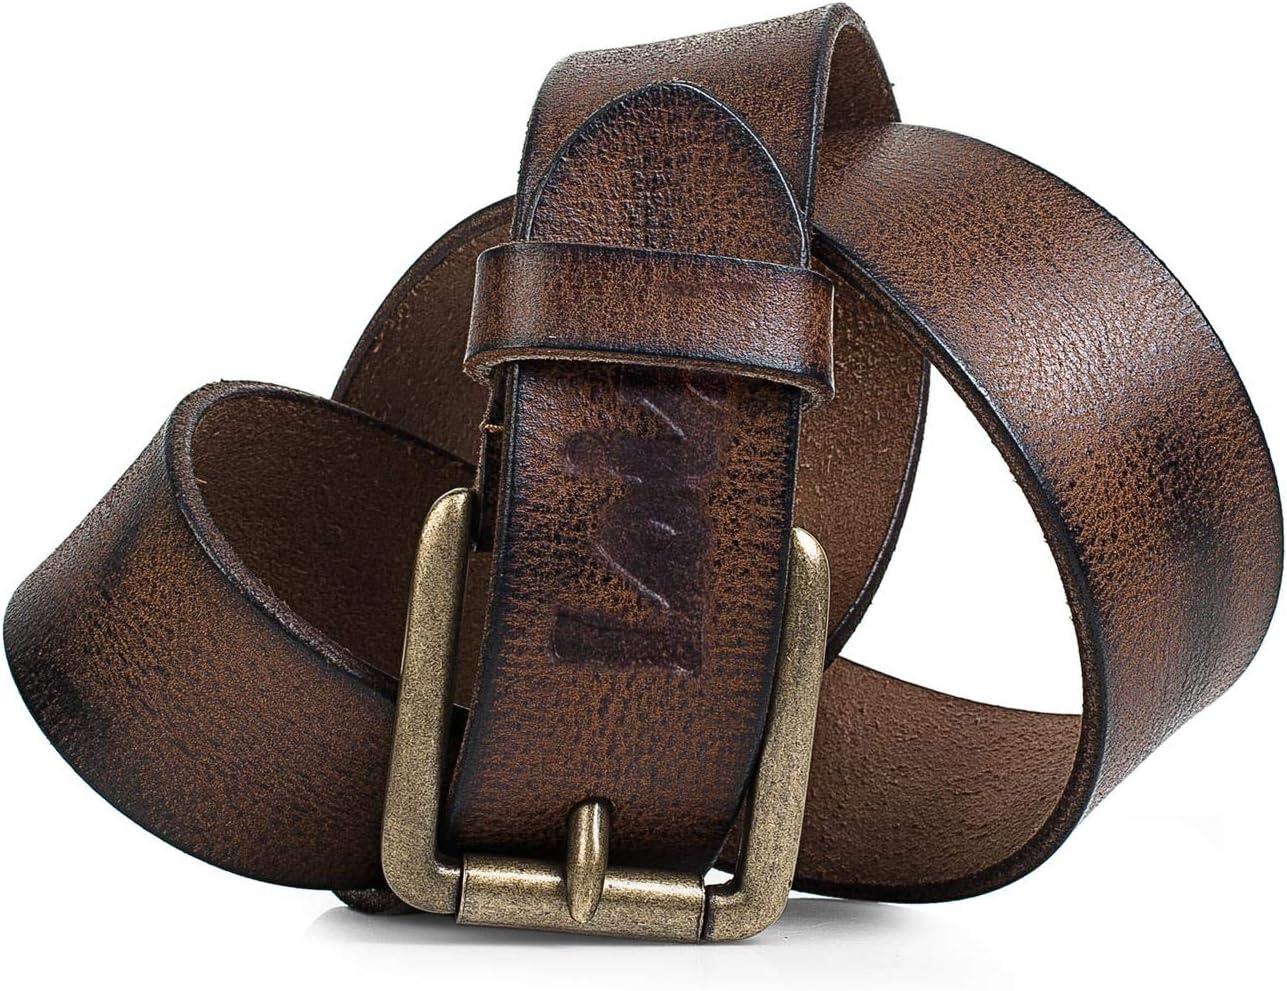 Lois - cinturón de cuero piel genuina. hebilla metálica. craquelado. flexible y duradero. caja para original. vaqueros chinos. ancho 40 mm. 501004, Color Marron